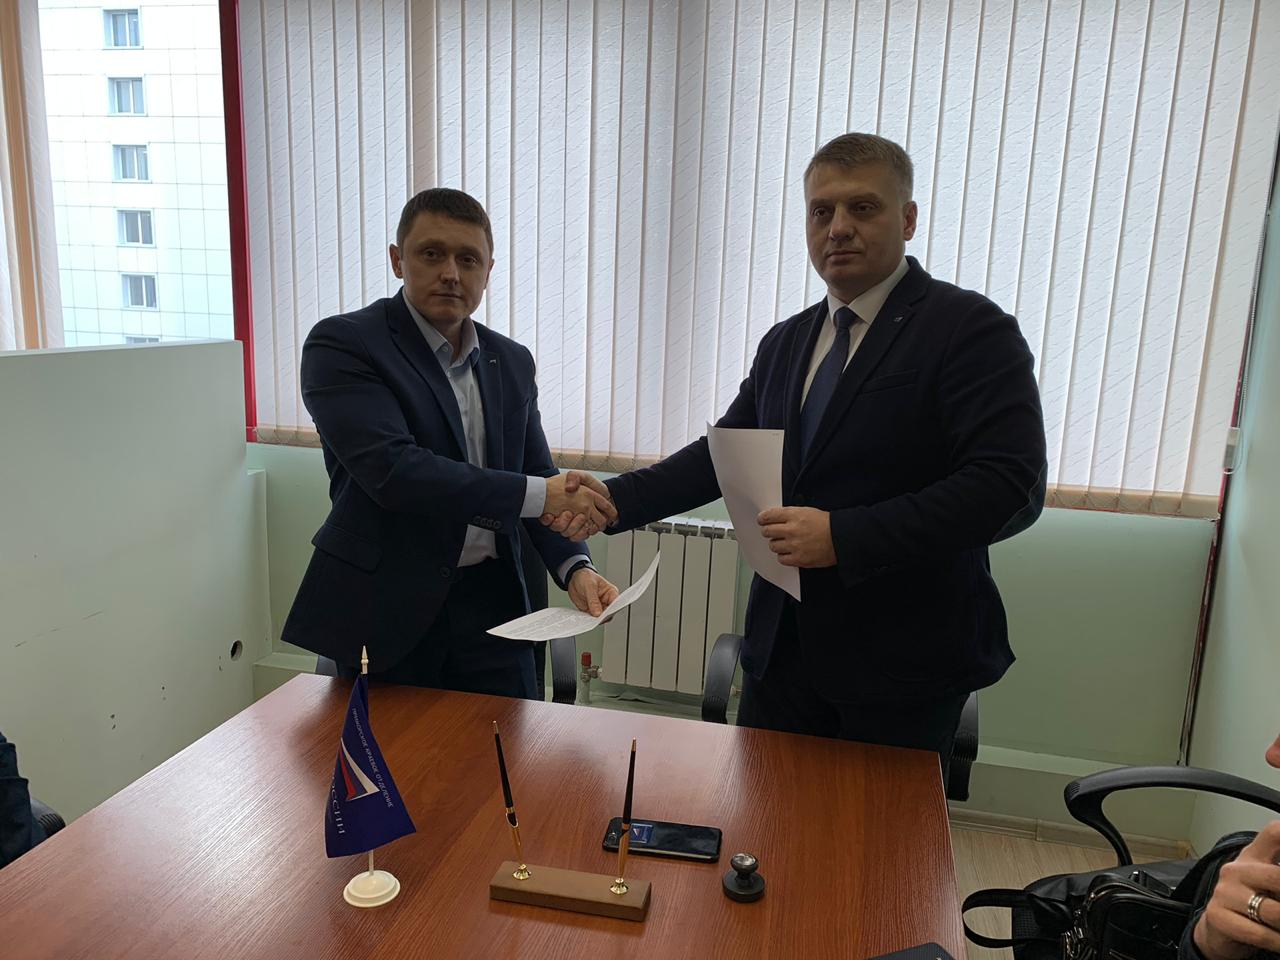 Приморское краевое отделение «ОПОРЫ РОССИИ» и АНО «Центр развития экспорта Приморского края» подписали соглашение о сотрудничестве.